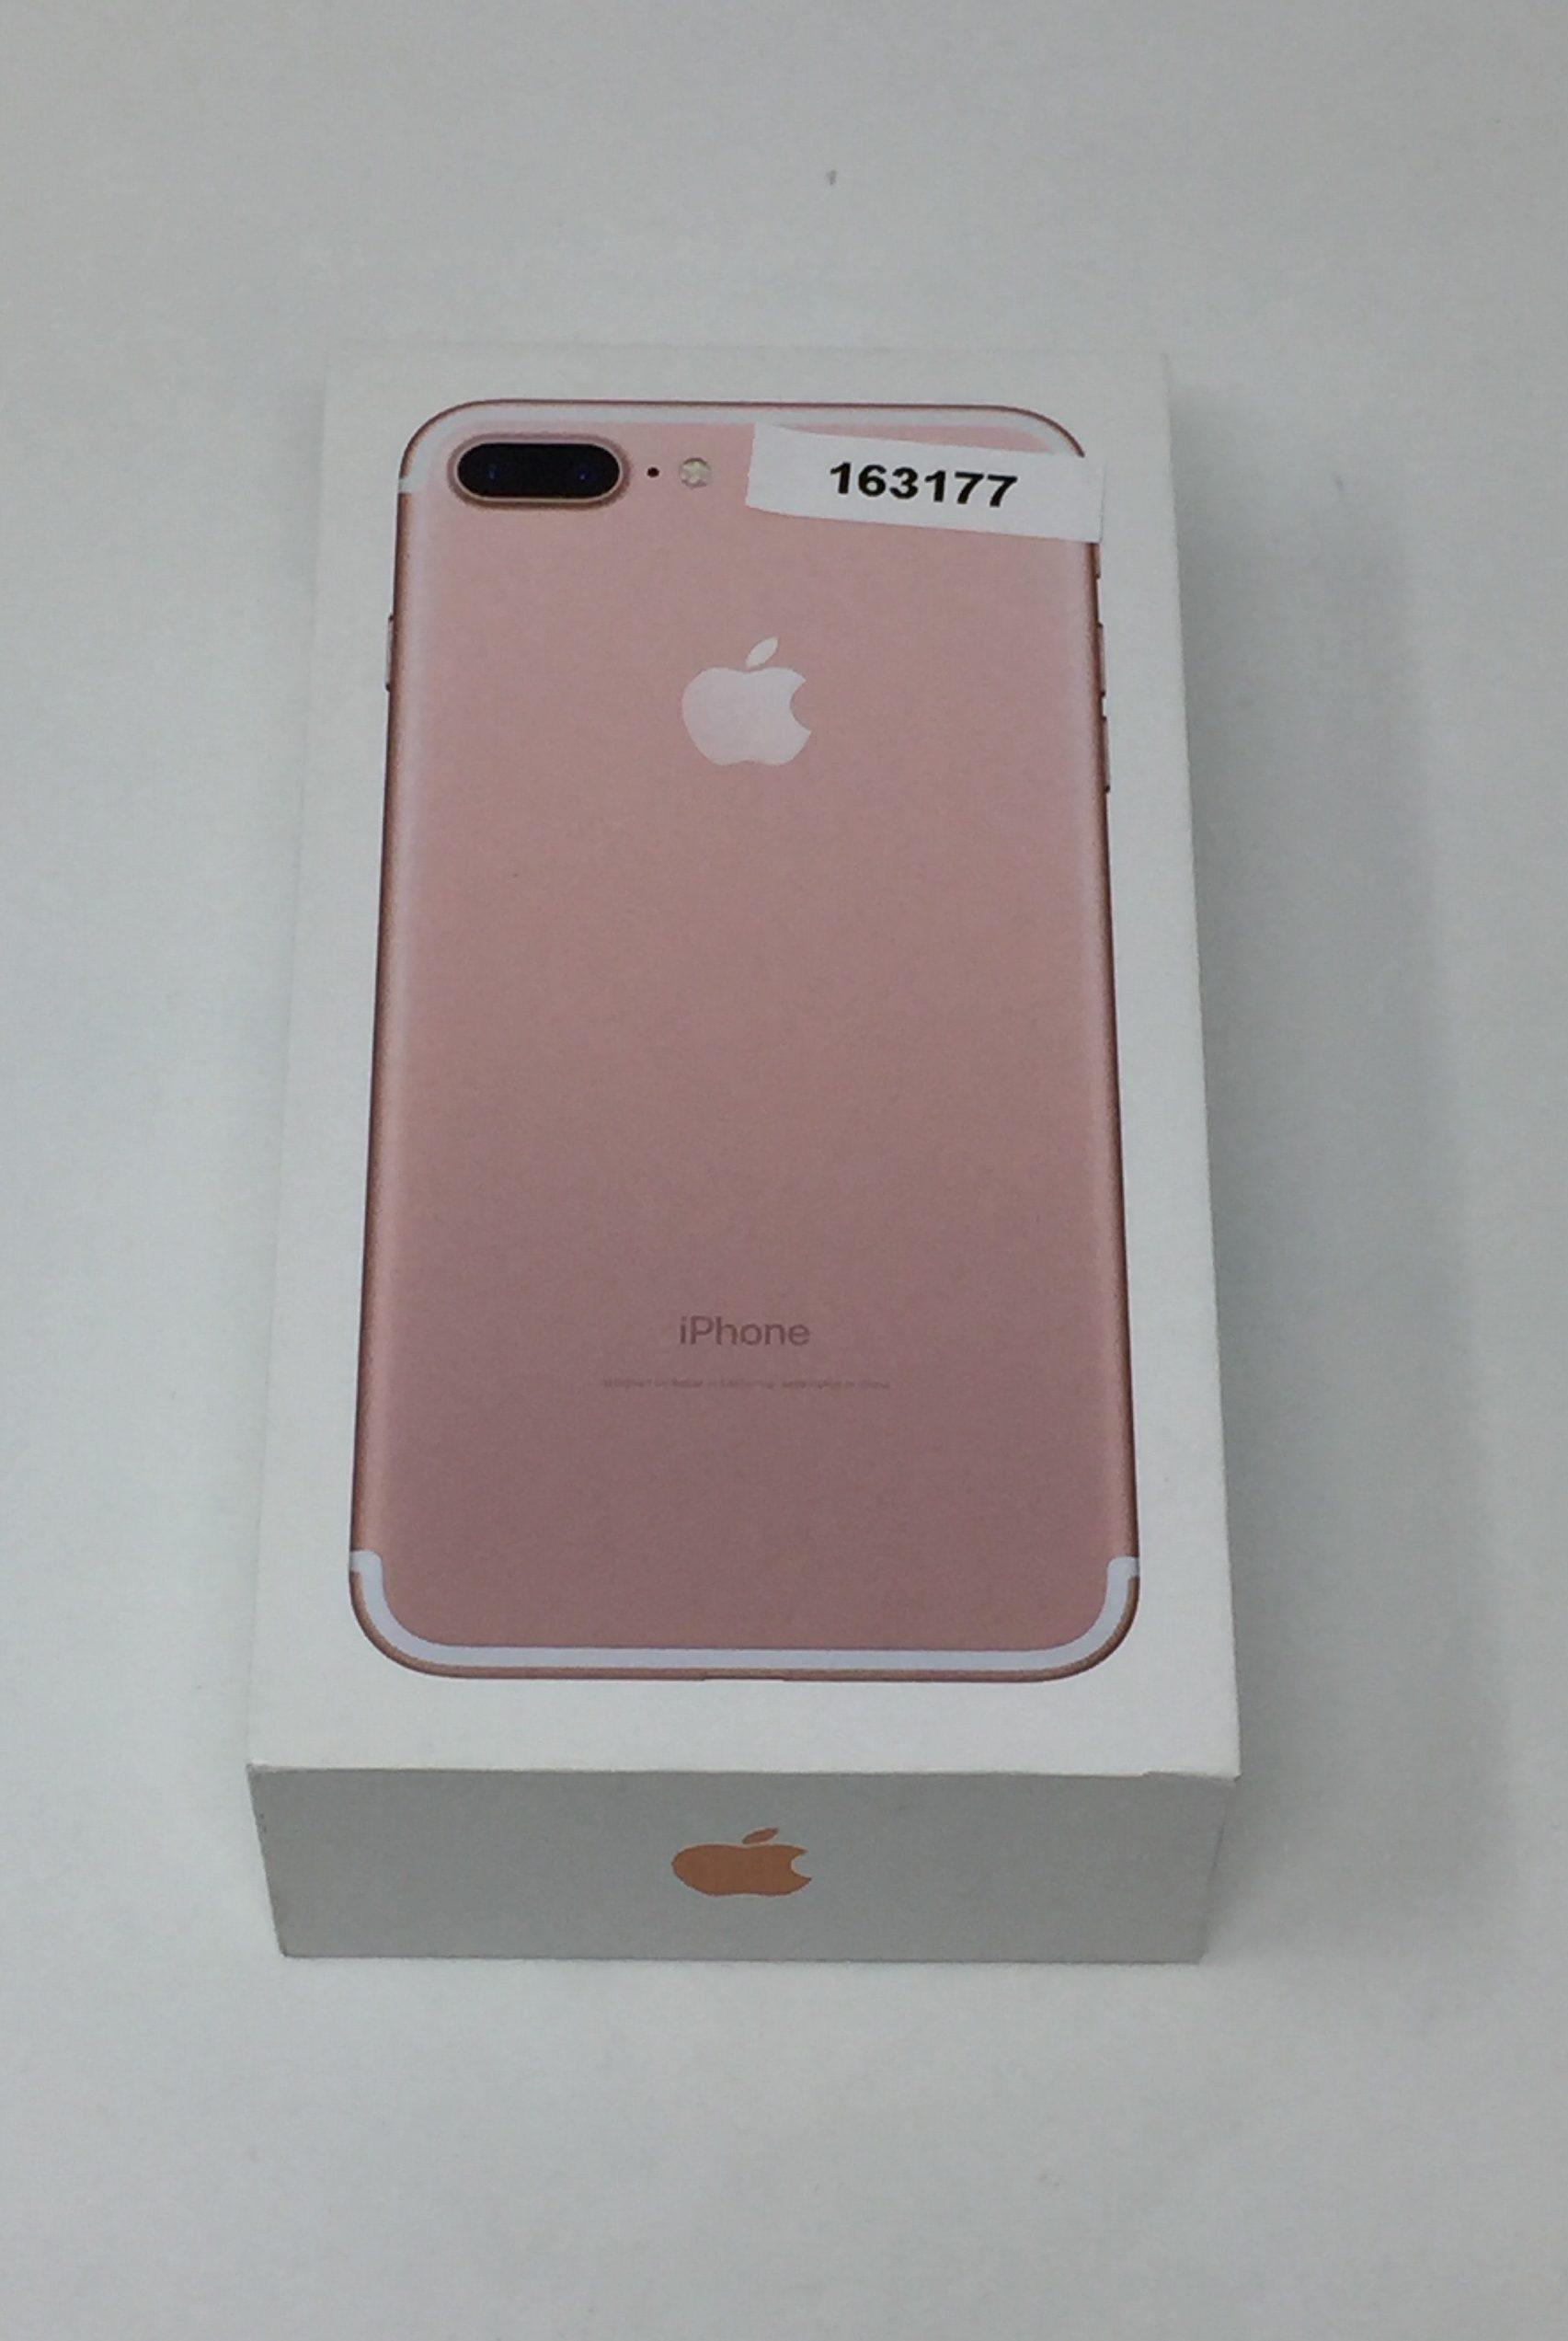 iPhone 7 Plus 32GB, 32 GB, ROSE GOLD, imagen 7